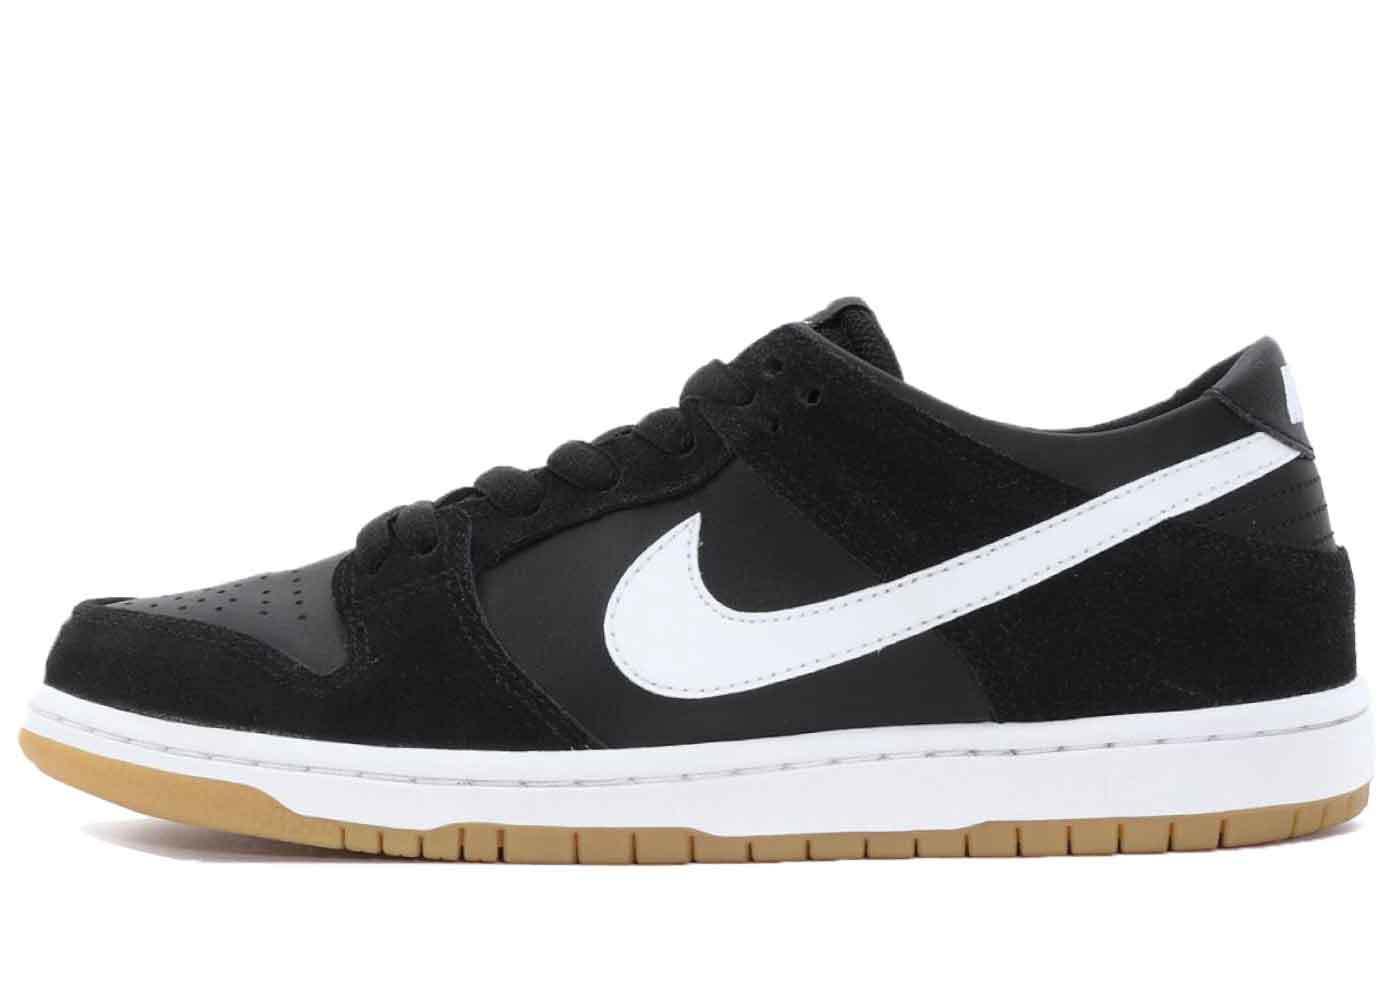 Nike SB Dunk Low Black White Gumの写真